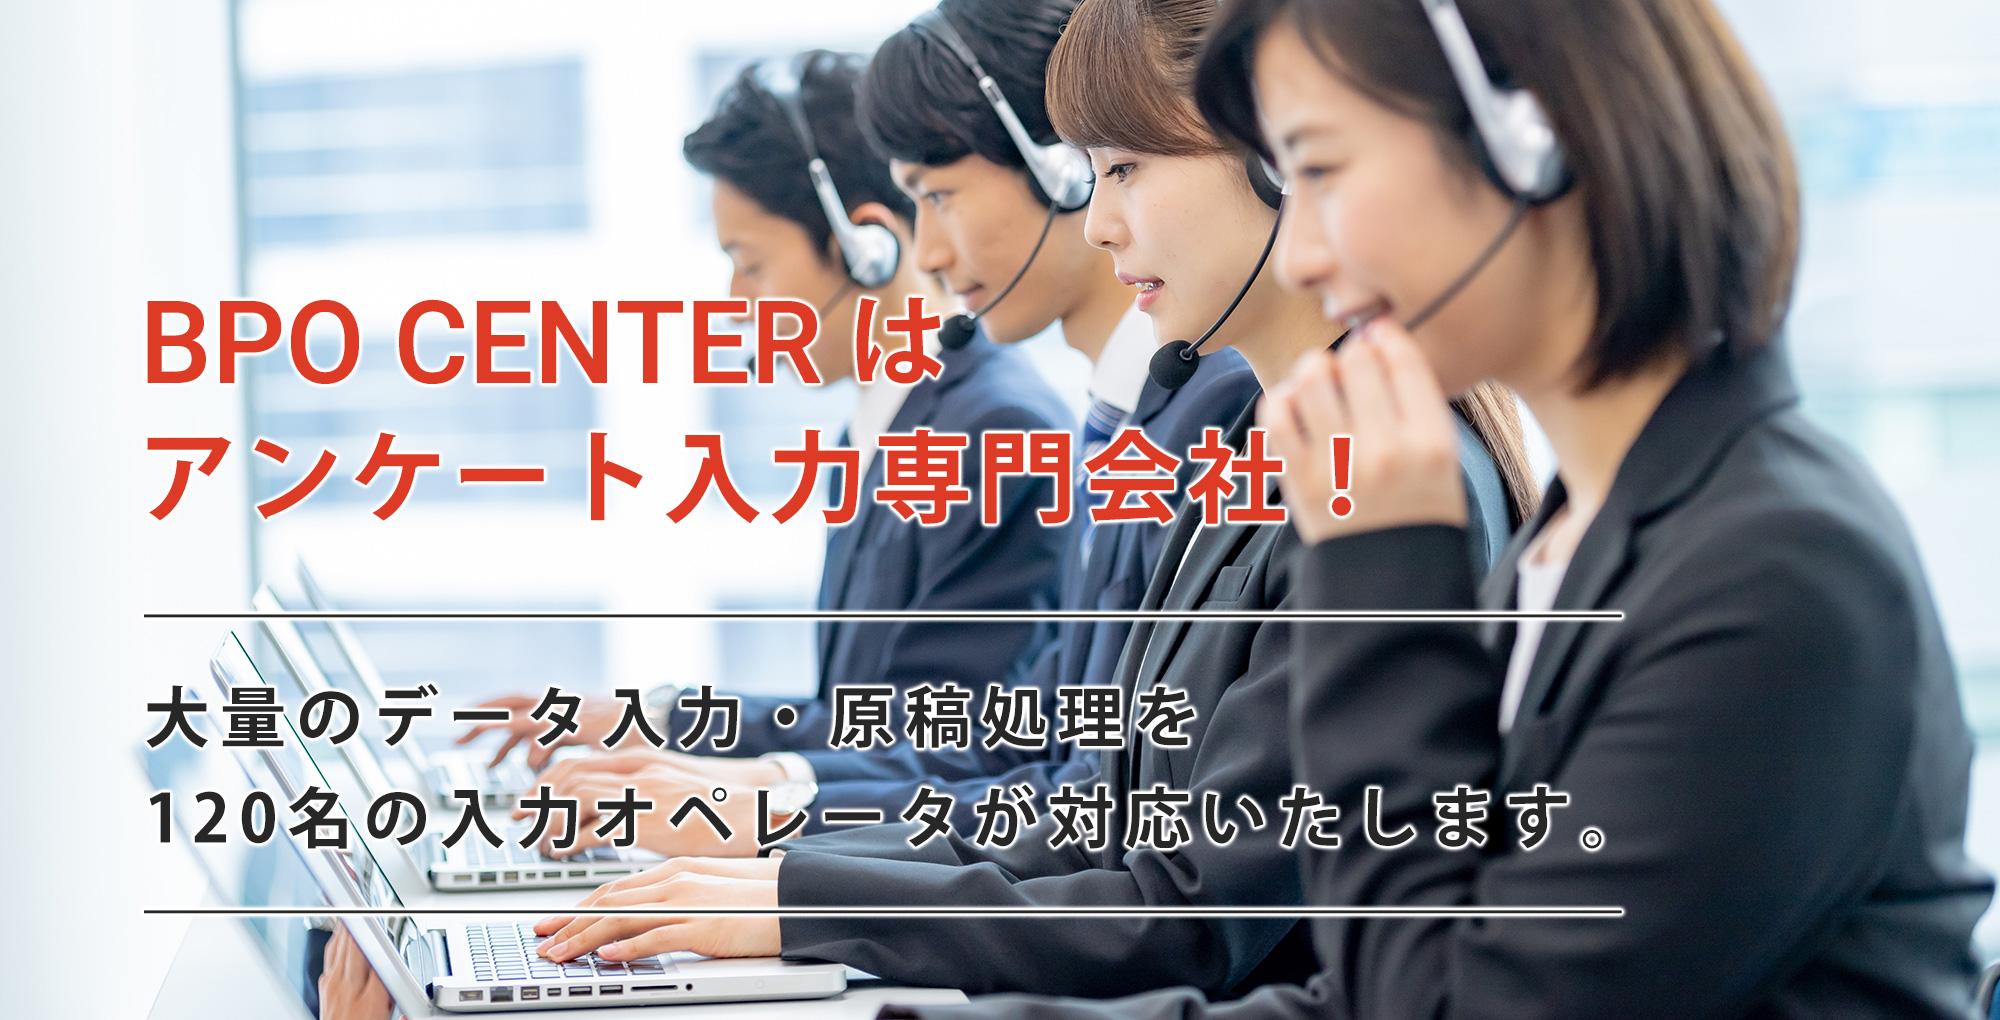 BPO CENTERはアンケート入力専門会社!